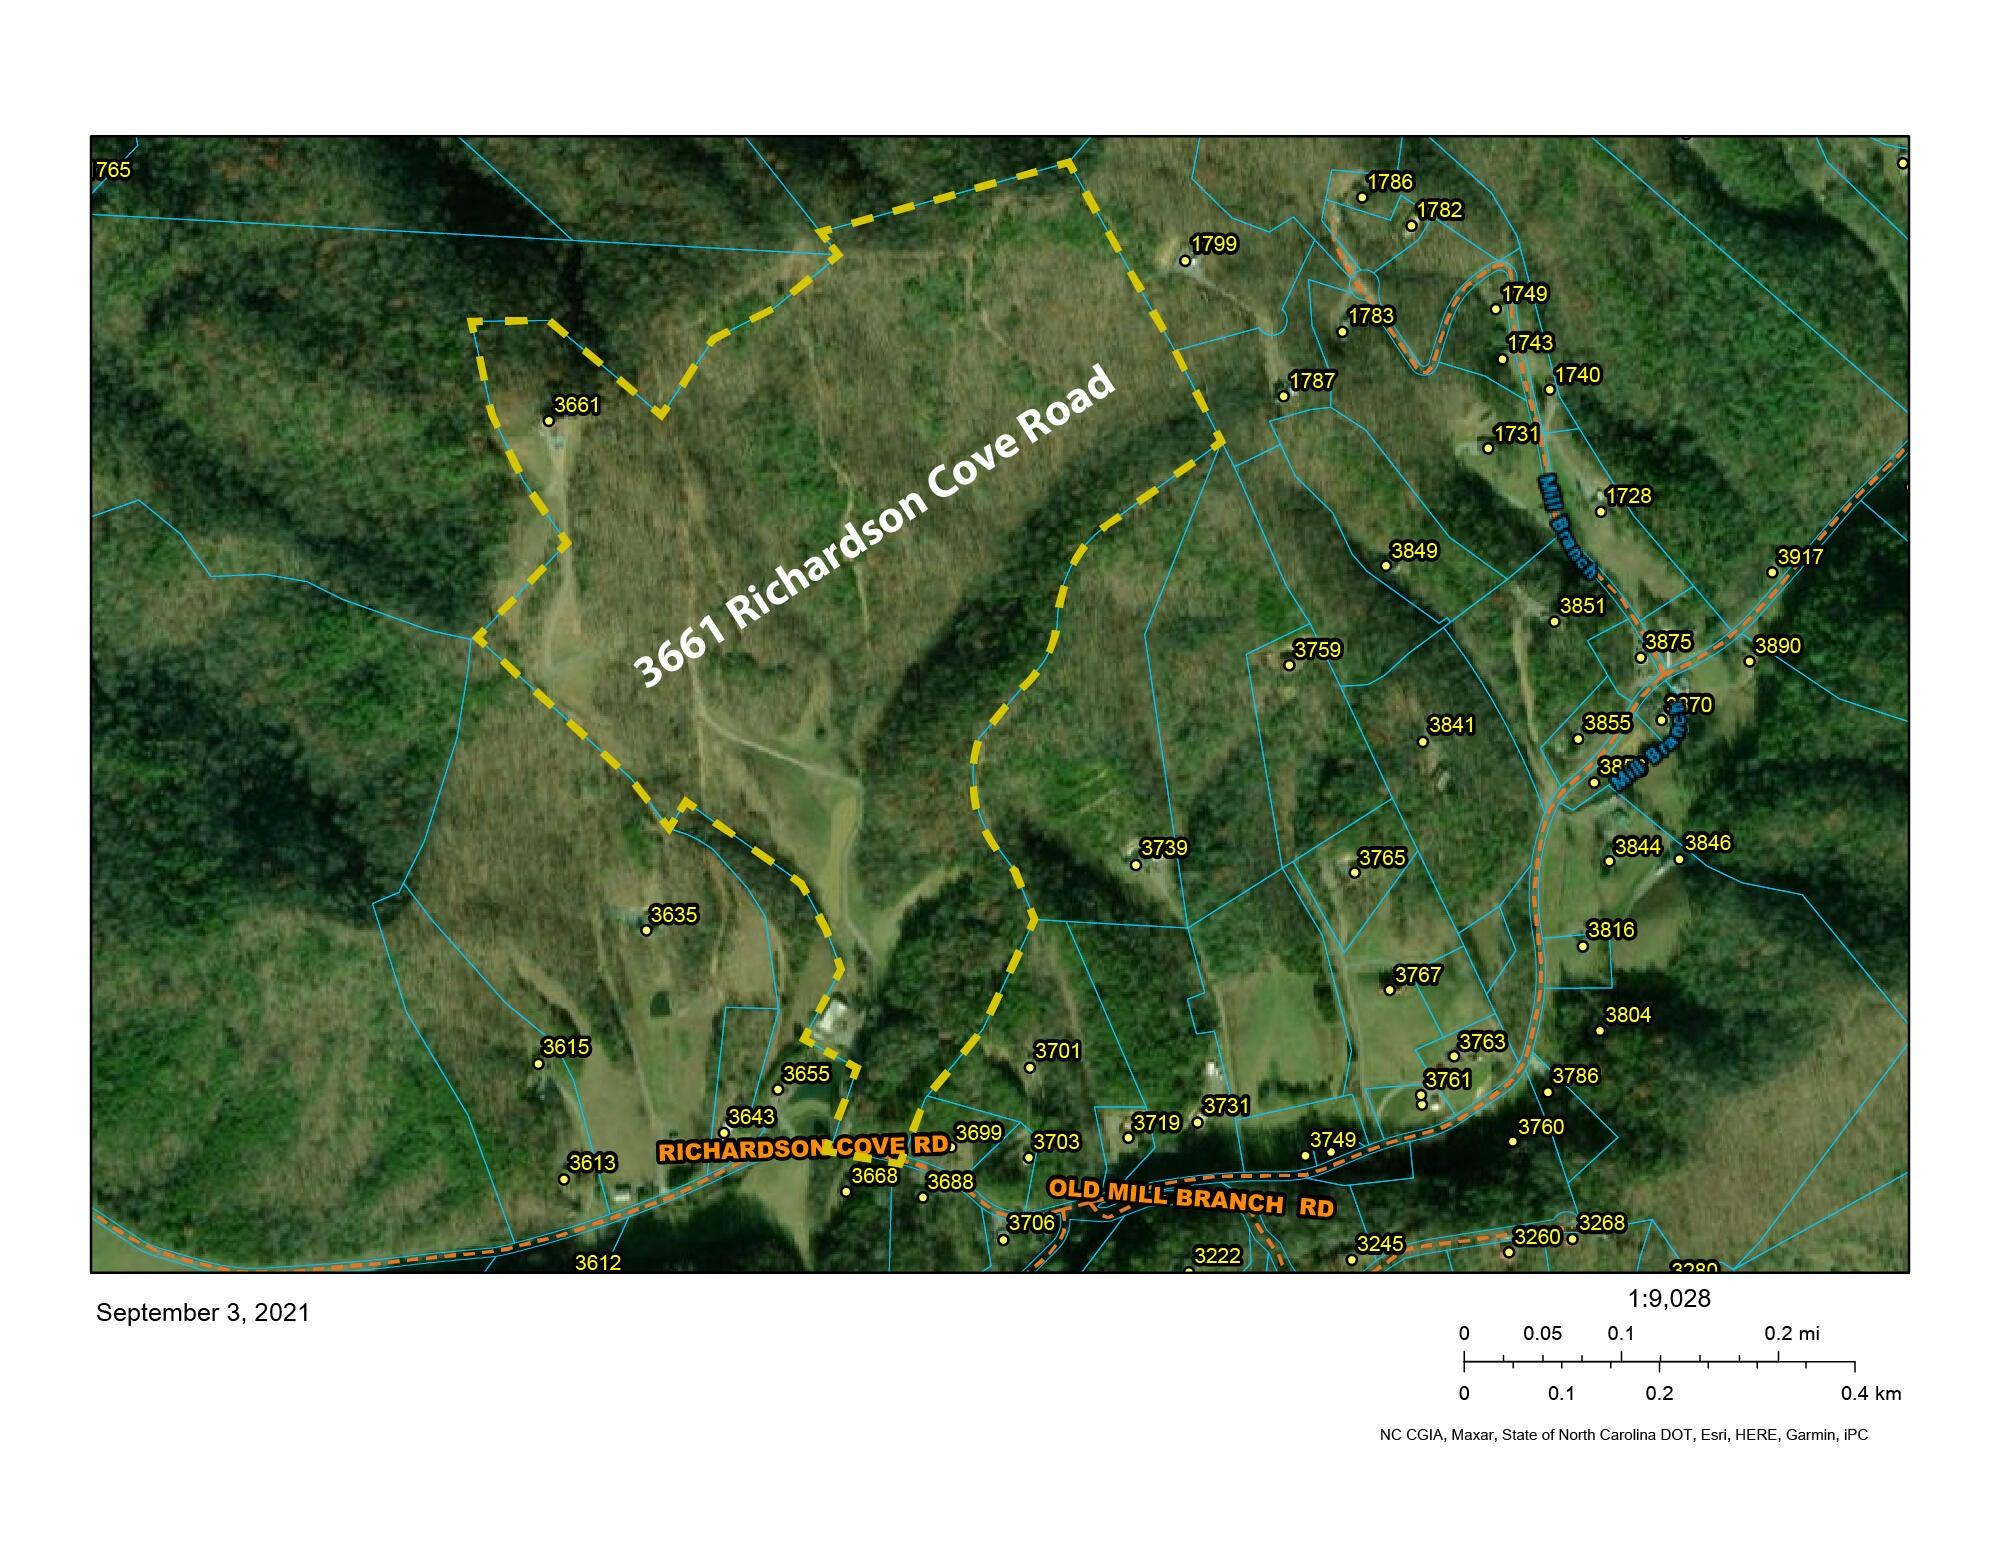 3661 Richardson Cove Rd GIS Map